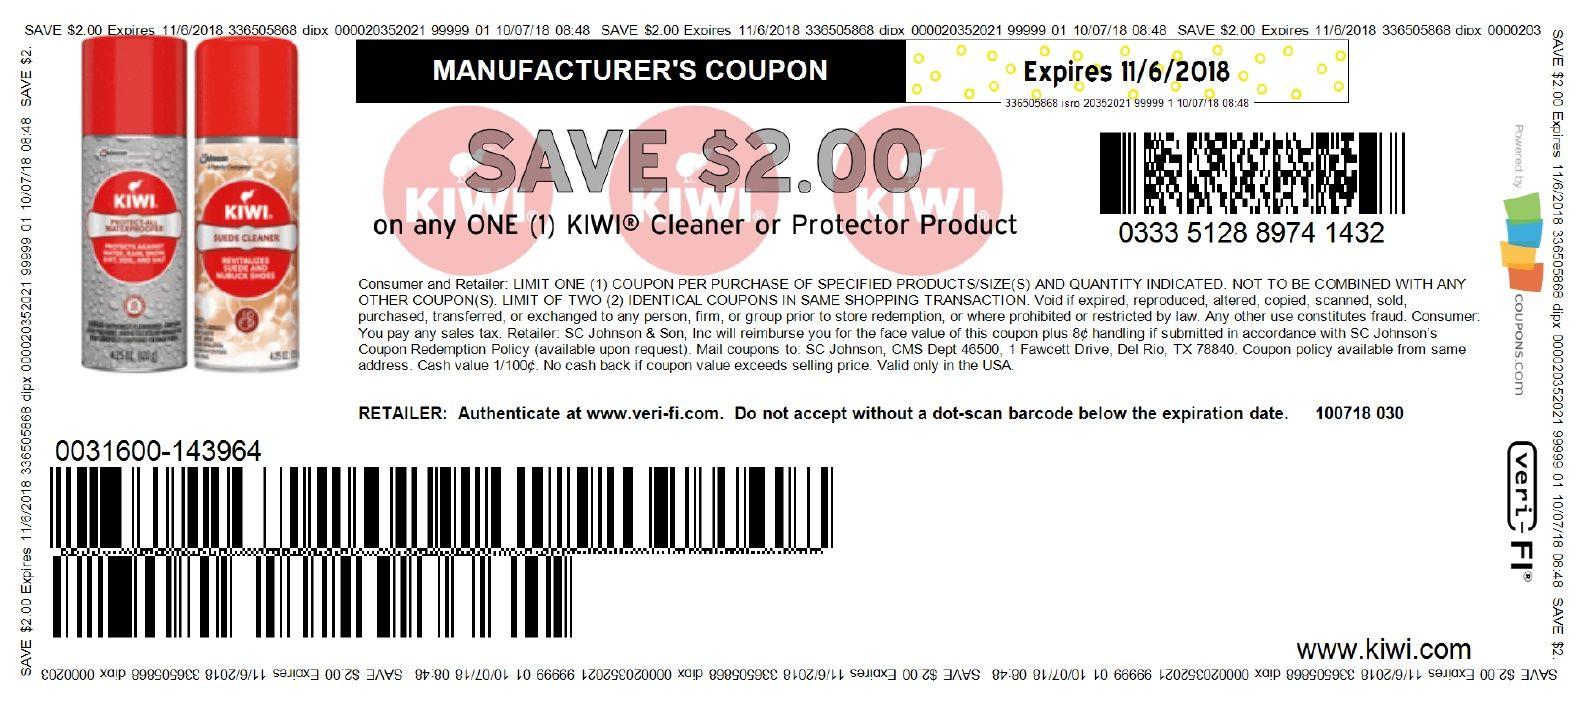 9975a2f9d Casi GRATIS Kiwi Shoe products en Walmart click Aquí. Imprime antes que se  agote.